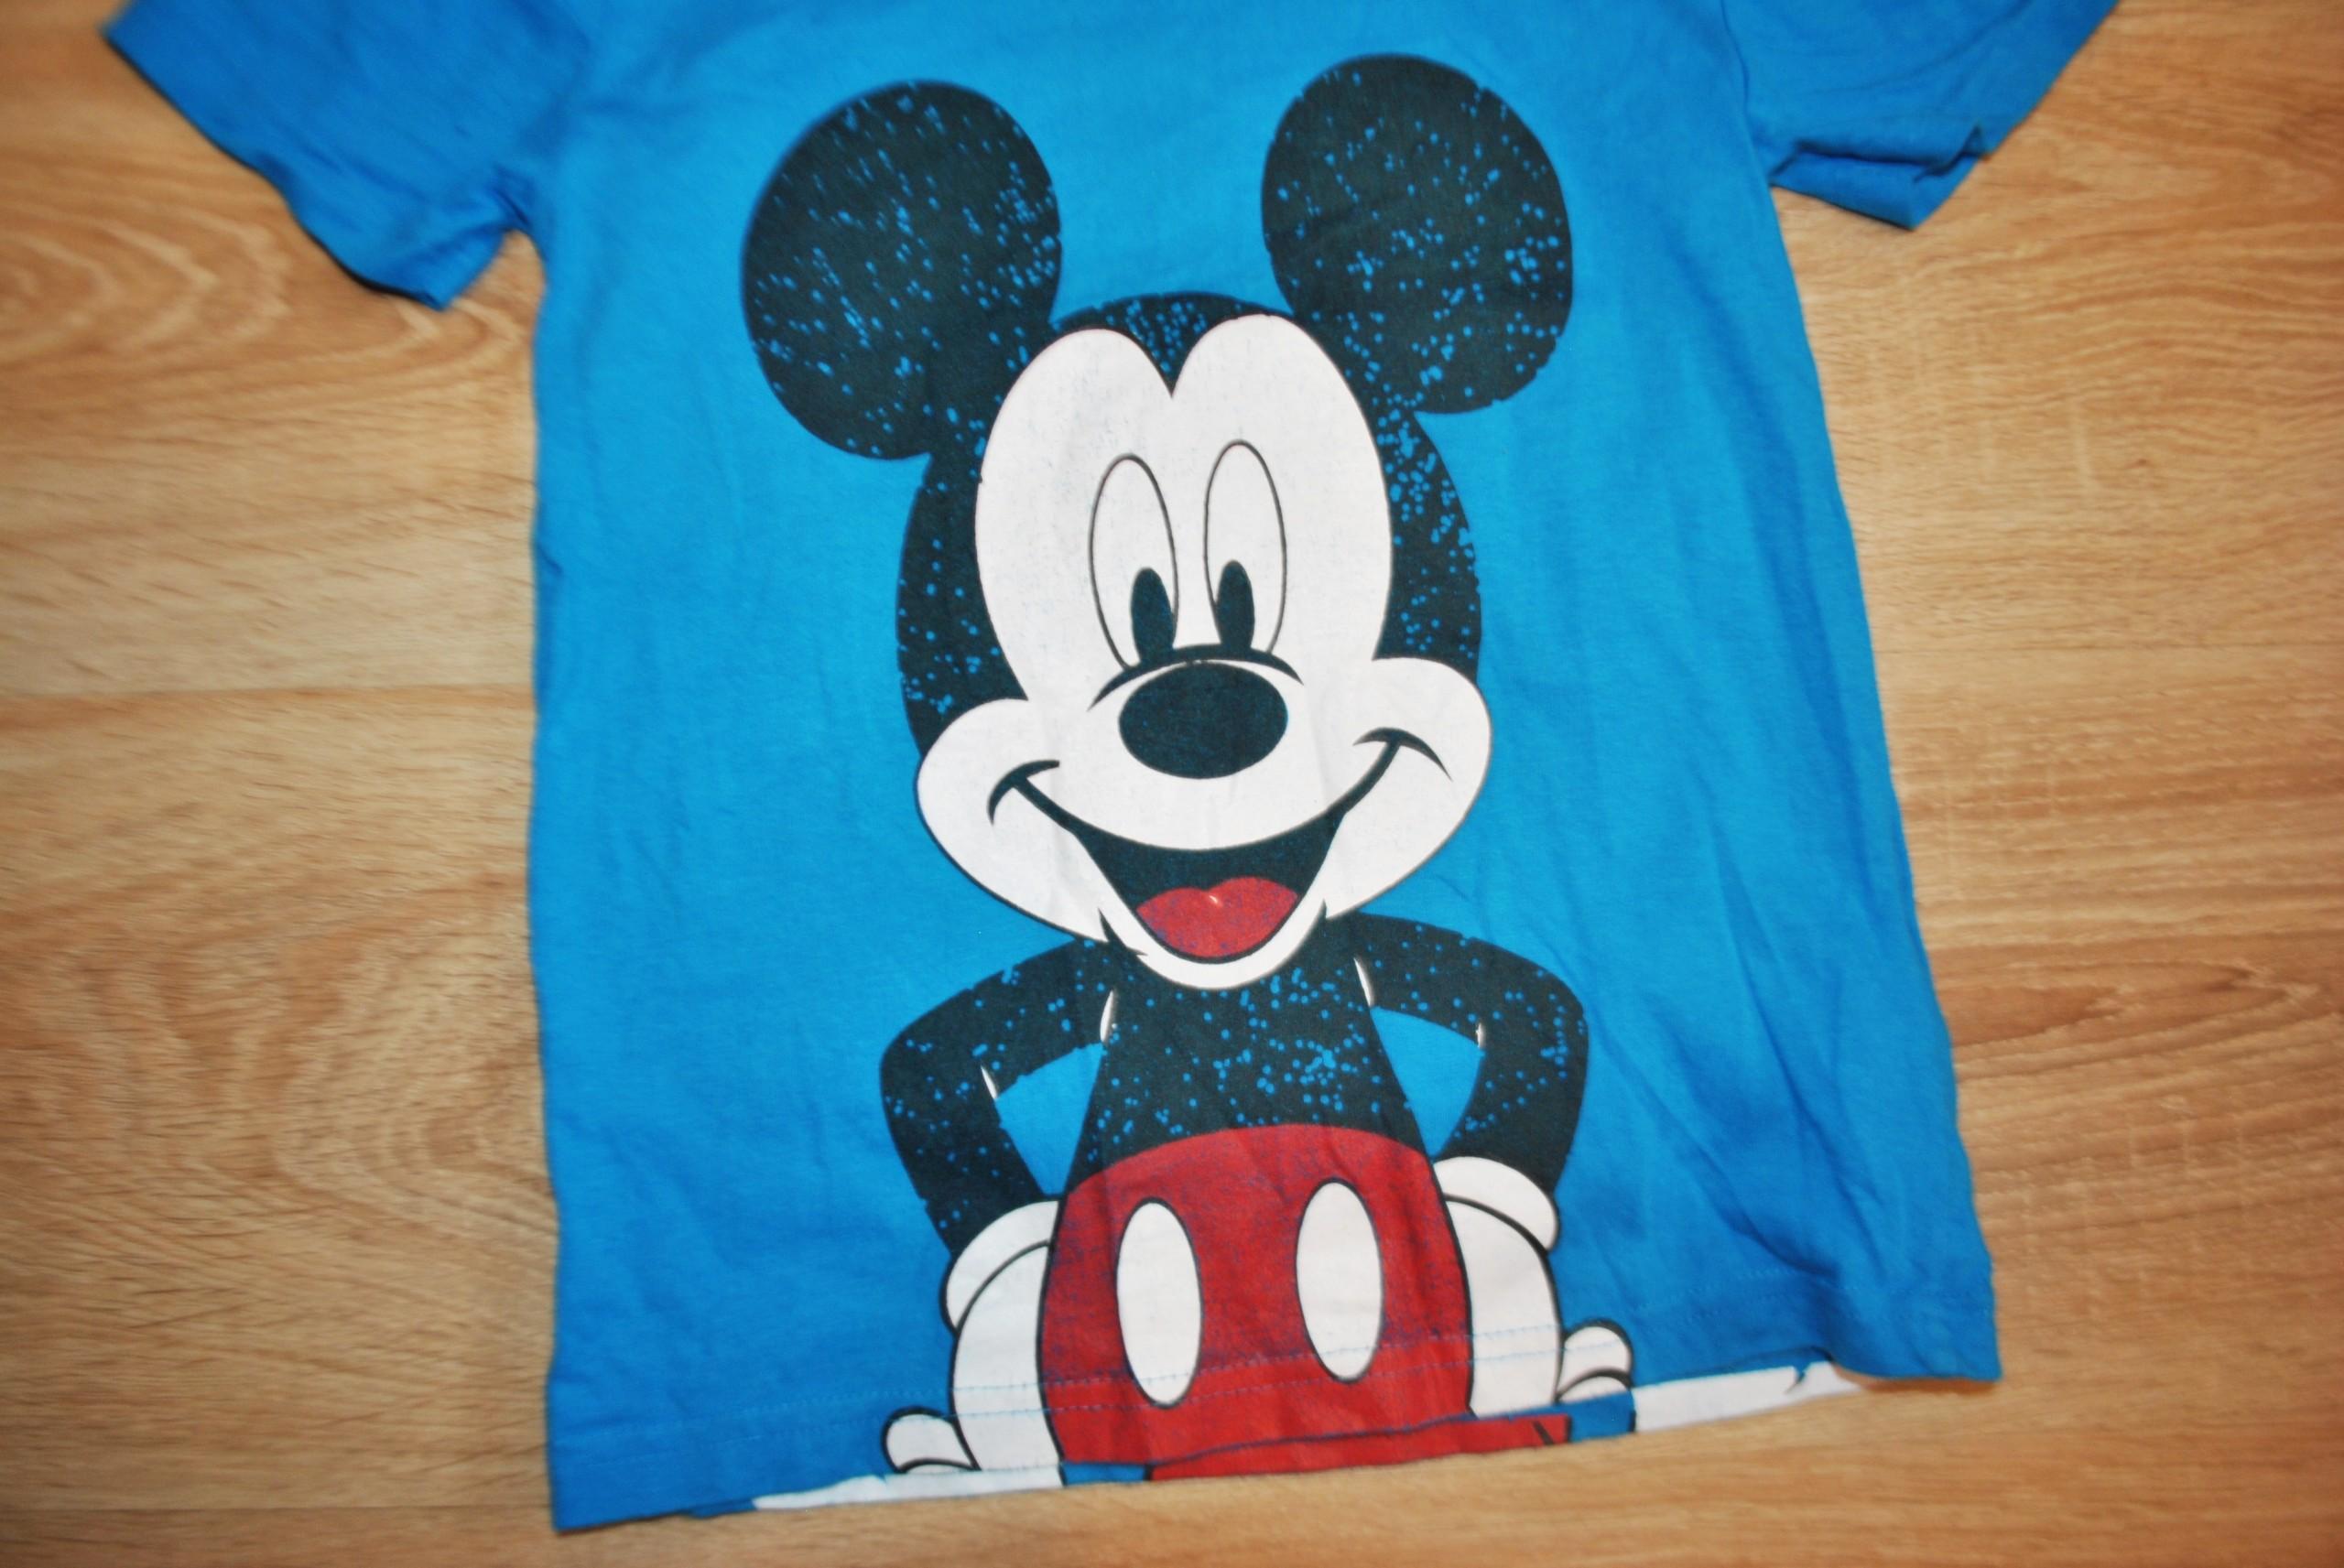 62737fec72058b DISNEY świetna bluzka koszulka MYSZKA MIKI 116 - 7640216217 ...